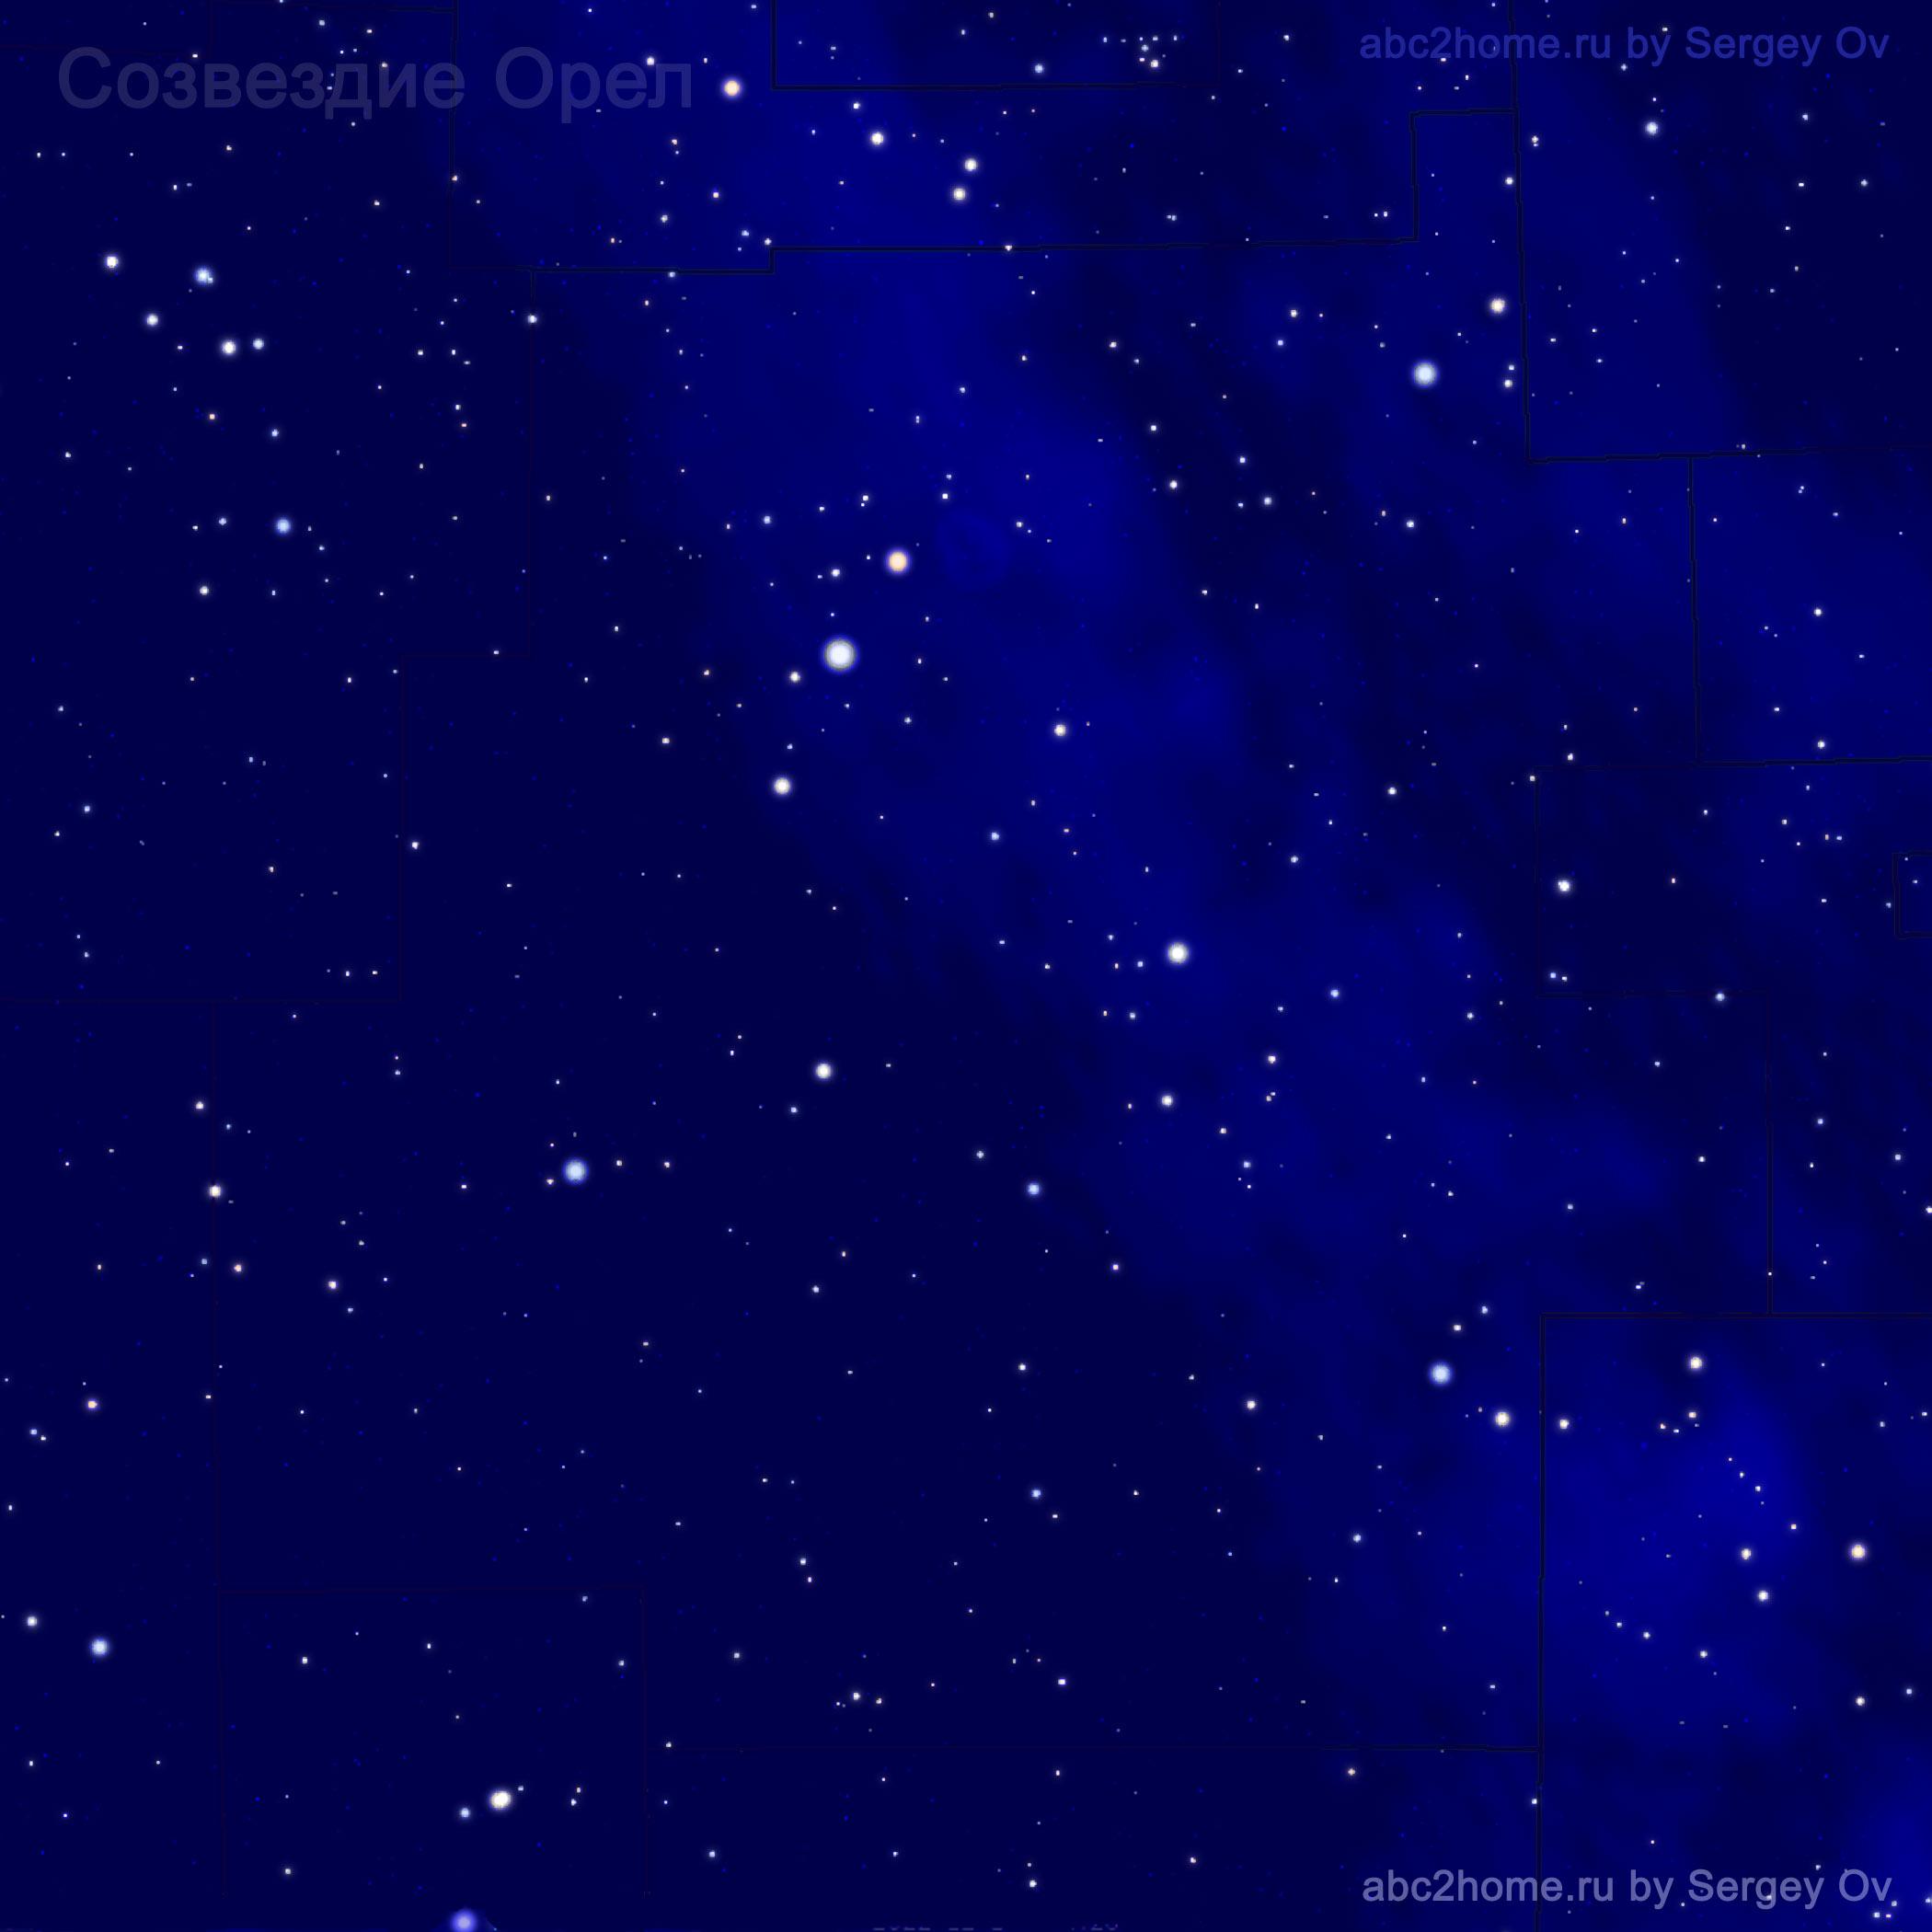 Созвездие Орел, звезды созвездия Орел